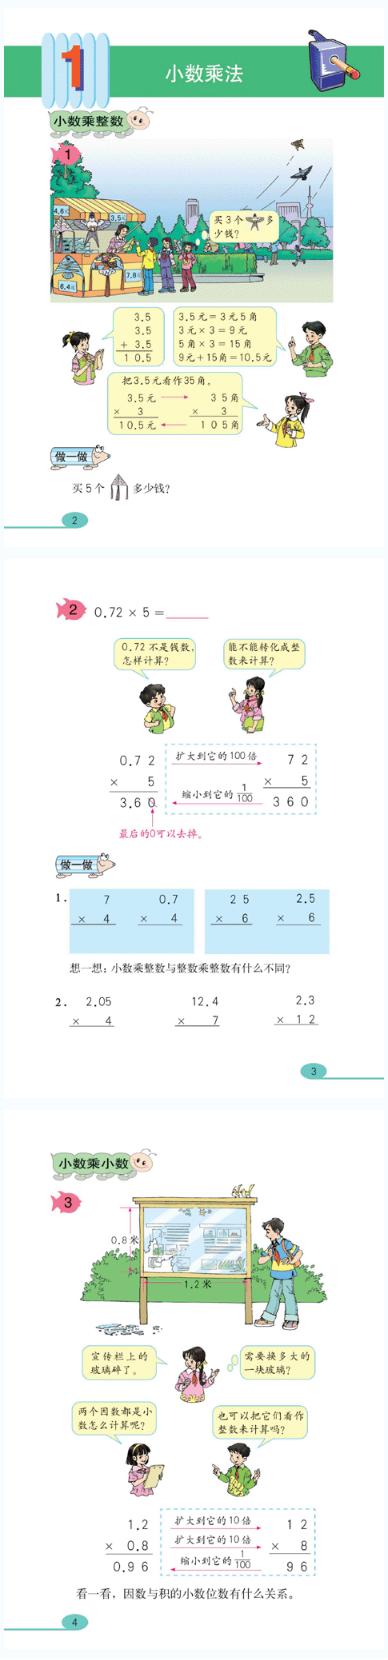 人教版小学数学五年级上册电子课本图片